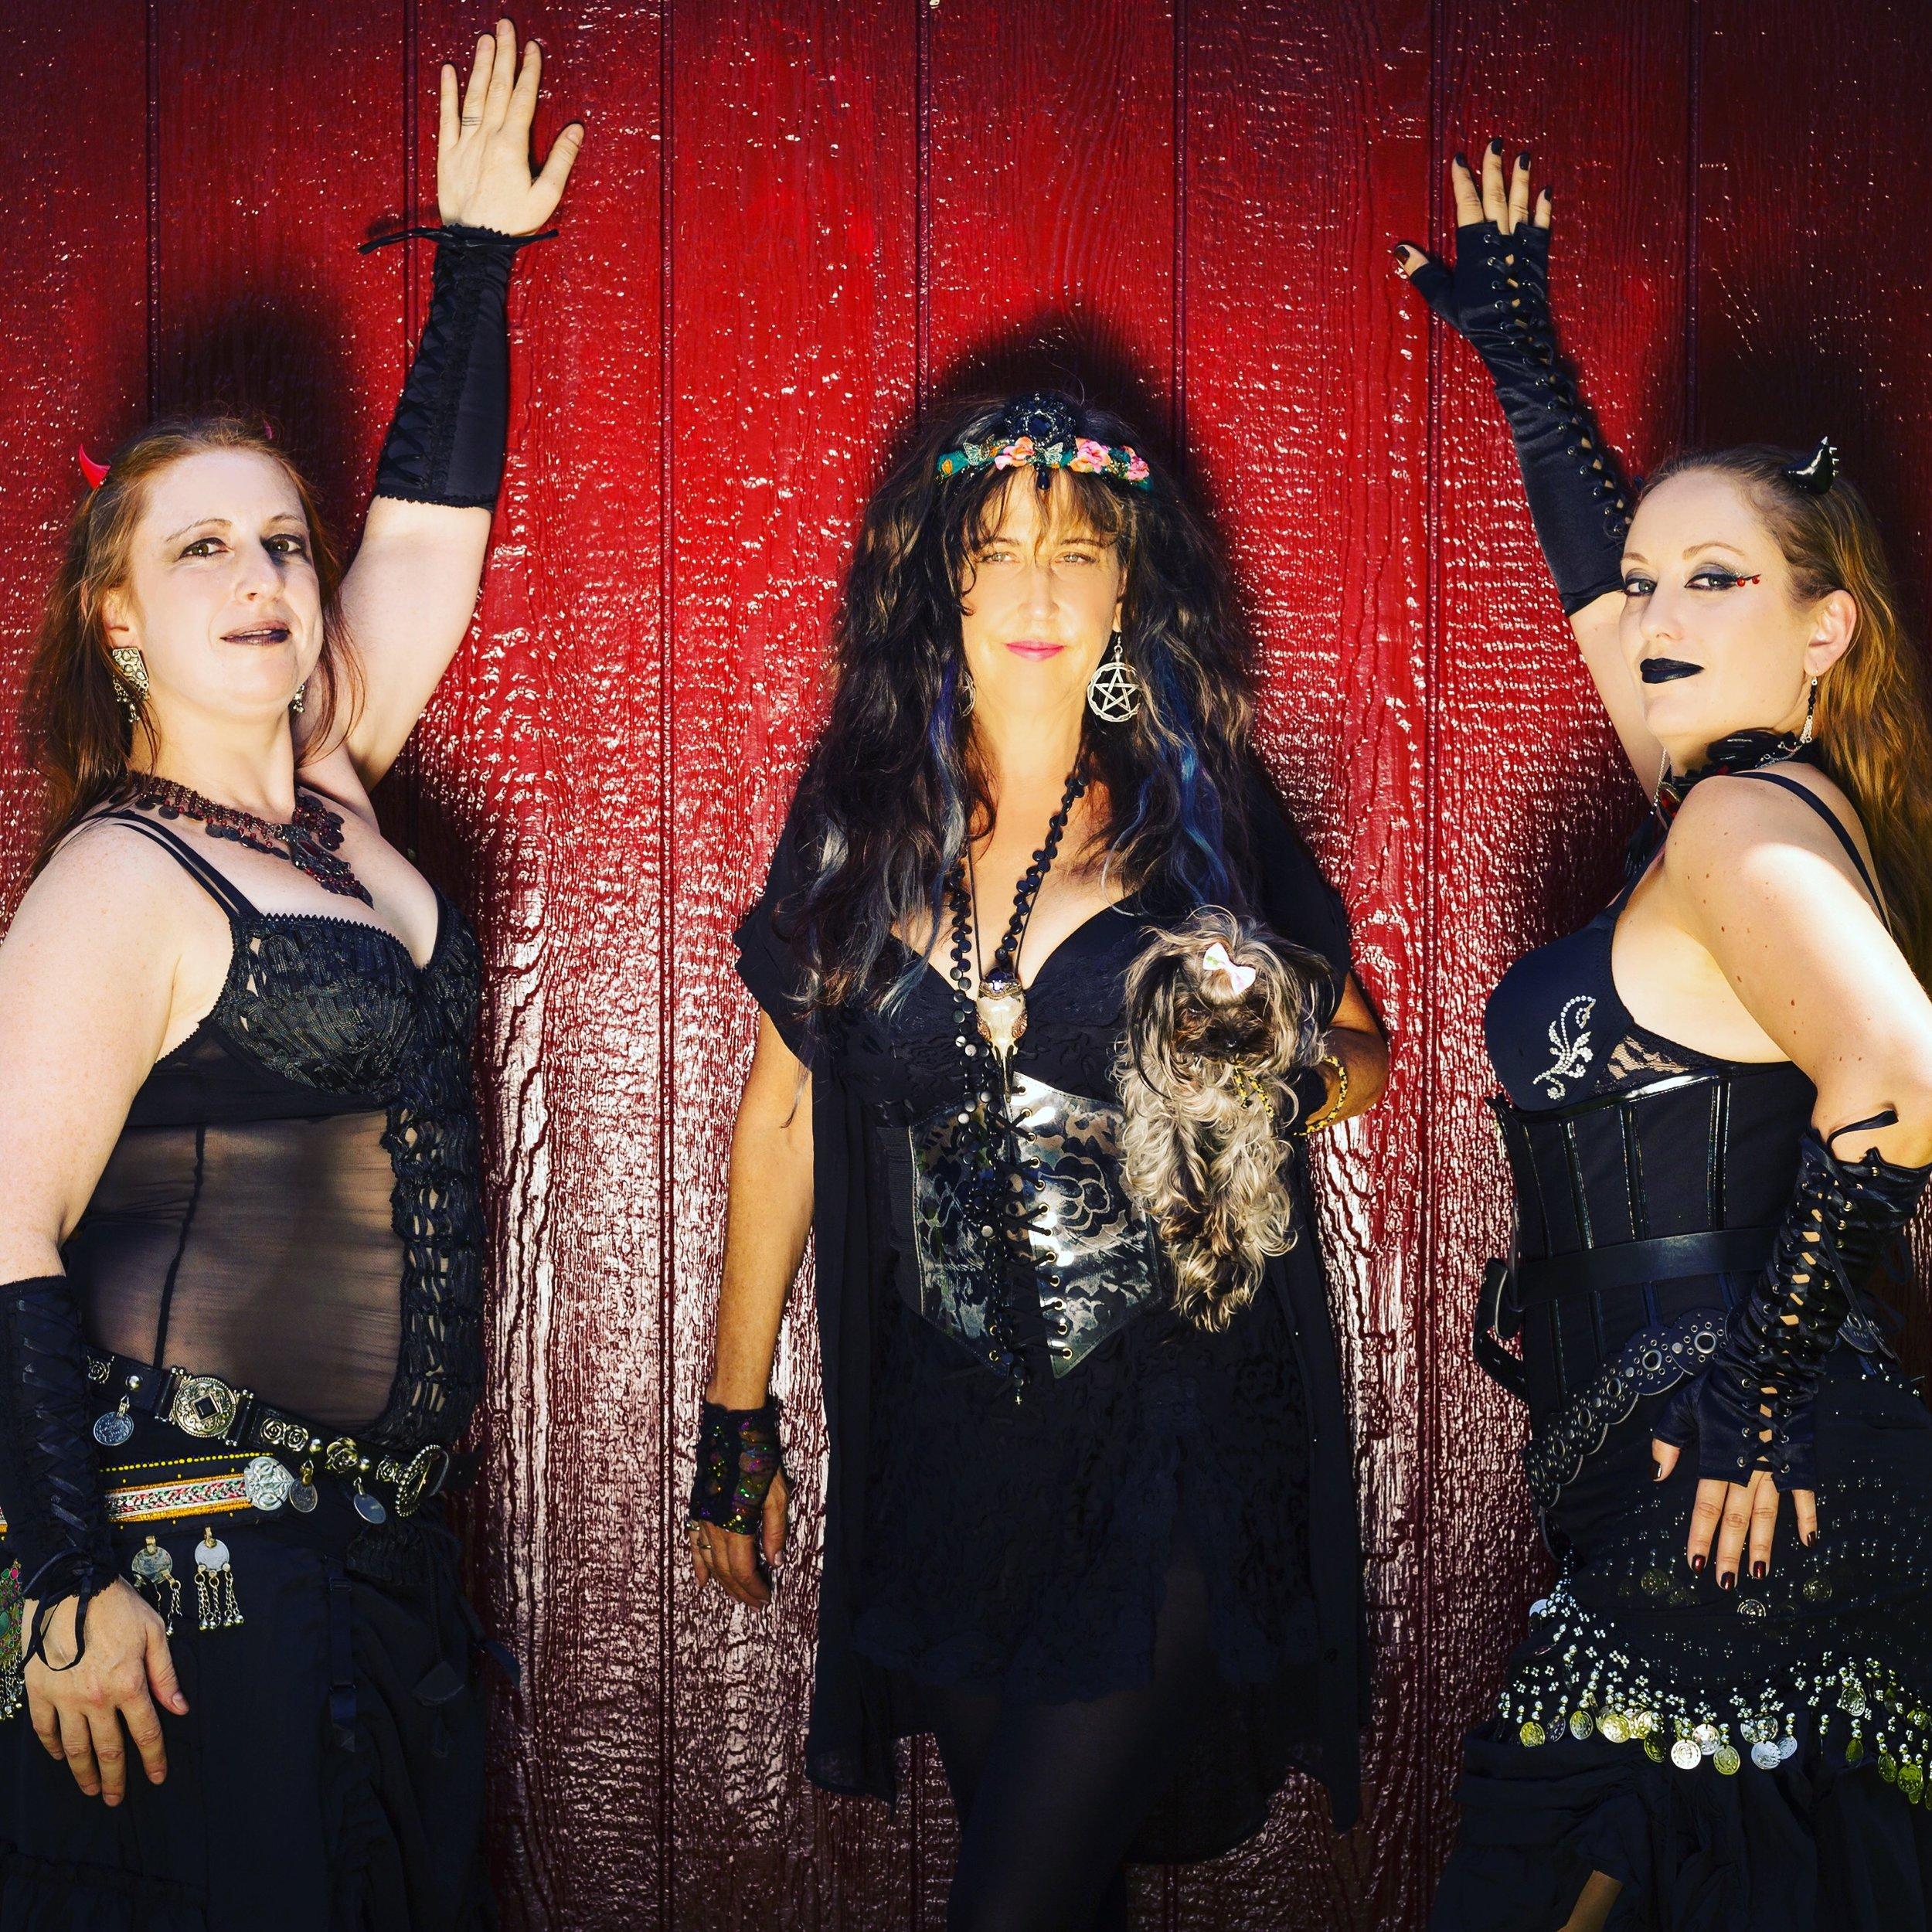 Rivqah Cas (dancer), Margot Day (Flute/Vox) and Kitten (dancer).